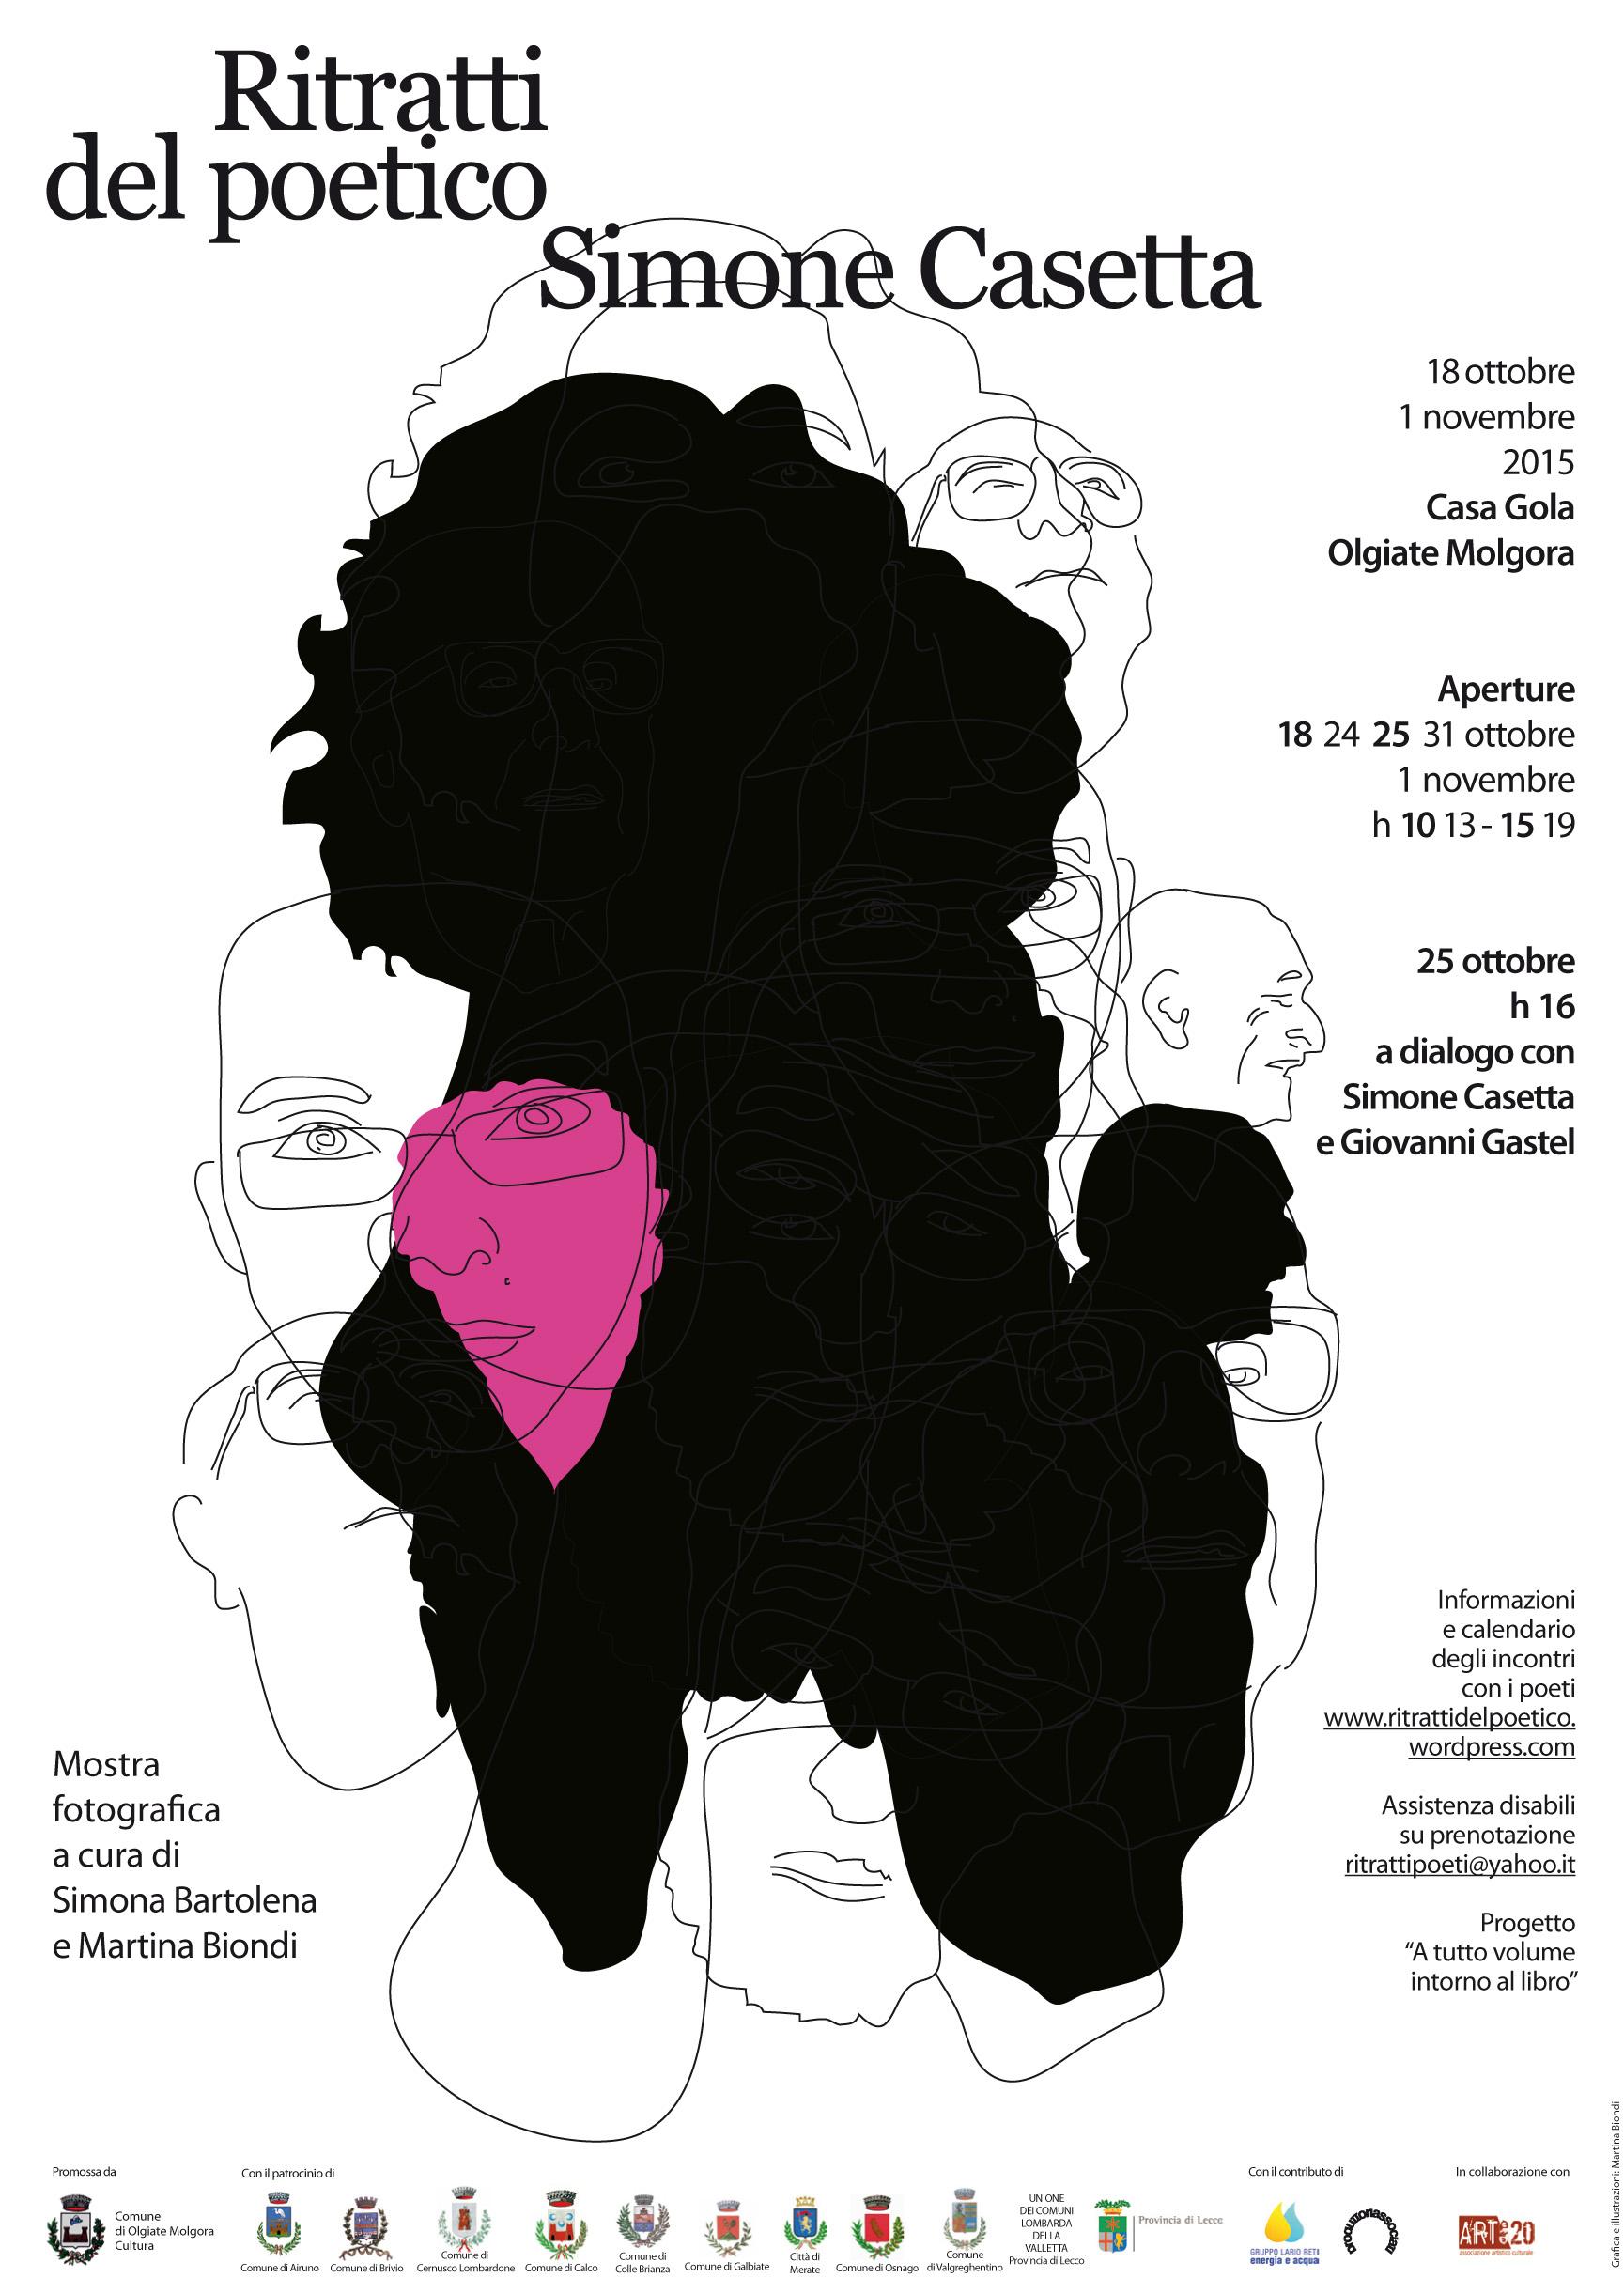 Volantino -ritratti del poetico 15x21